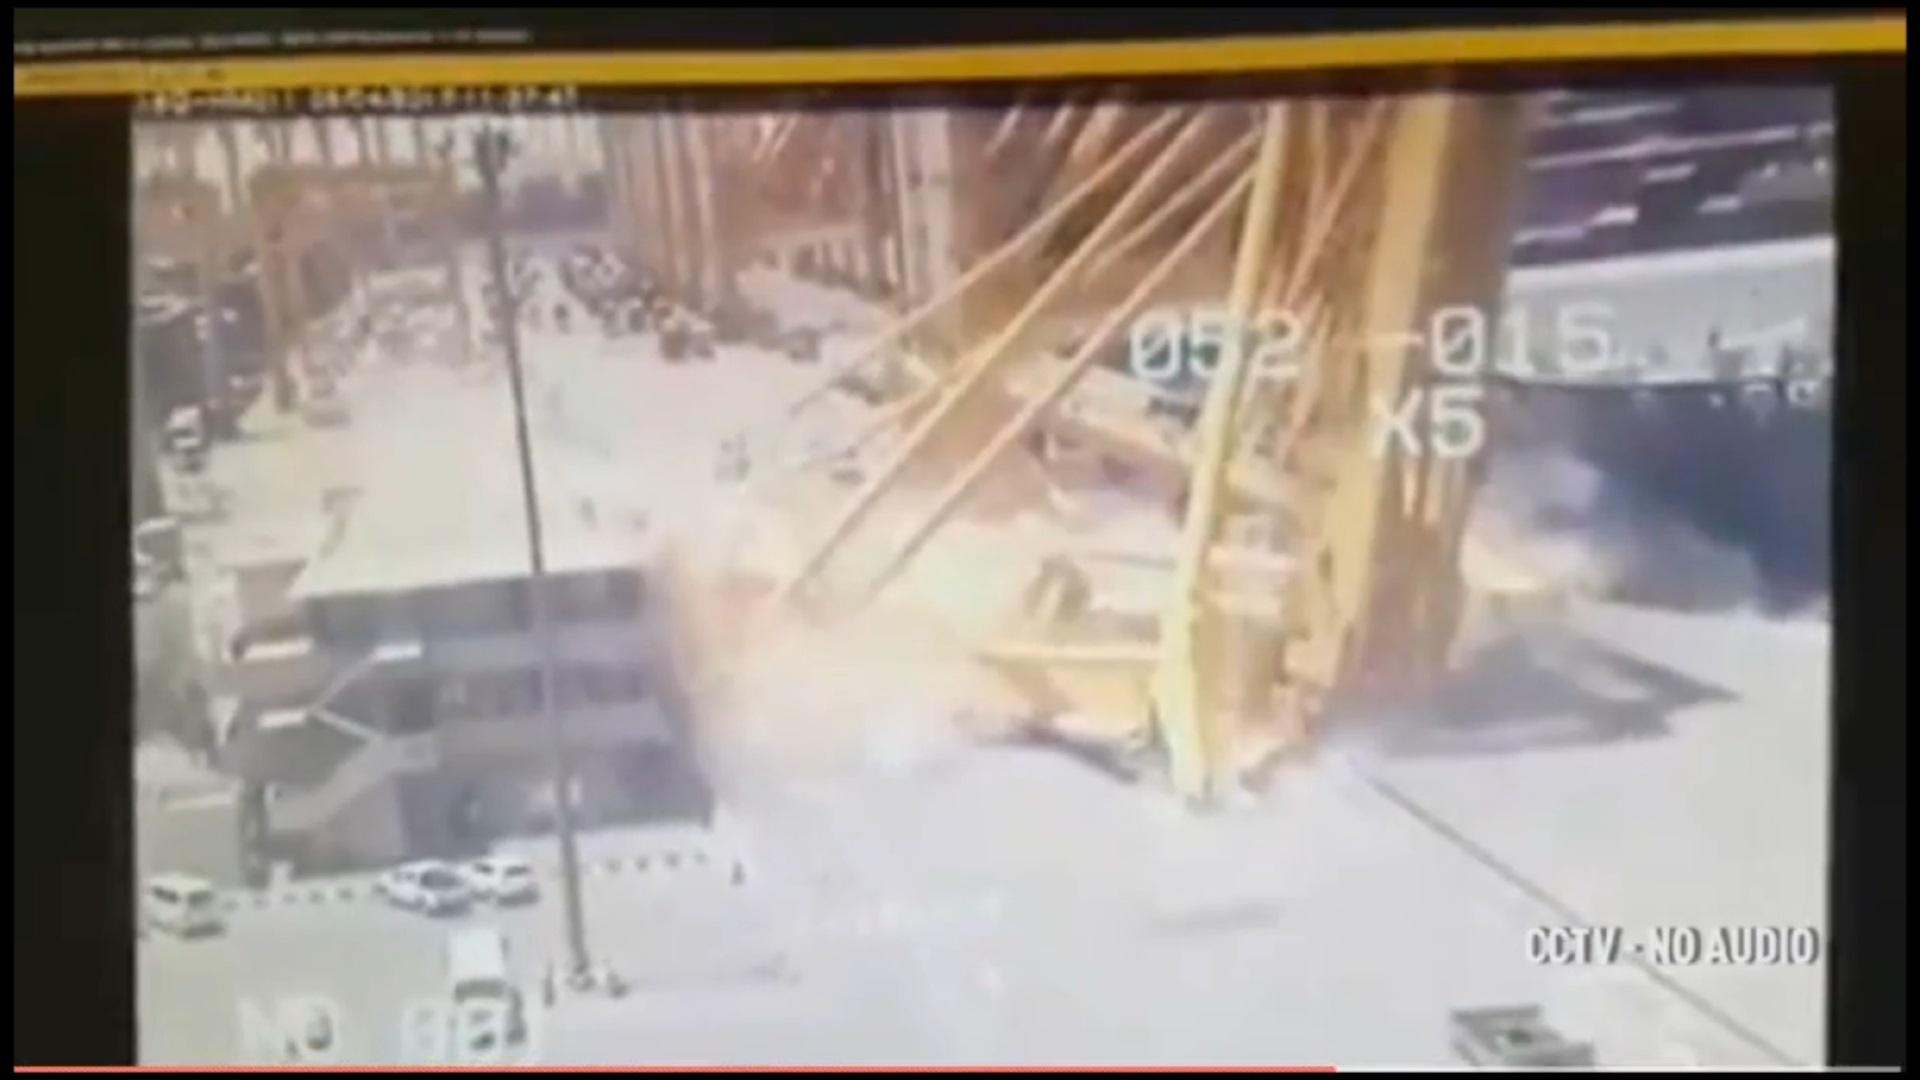 فیلم | برخورد کشتی با جرثقیل غولپیکر در بندر «جبل علی» دوبی